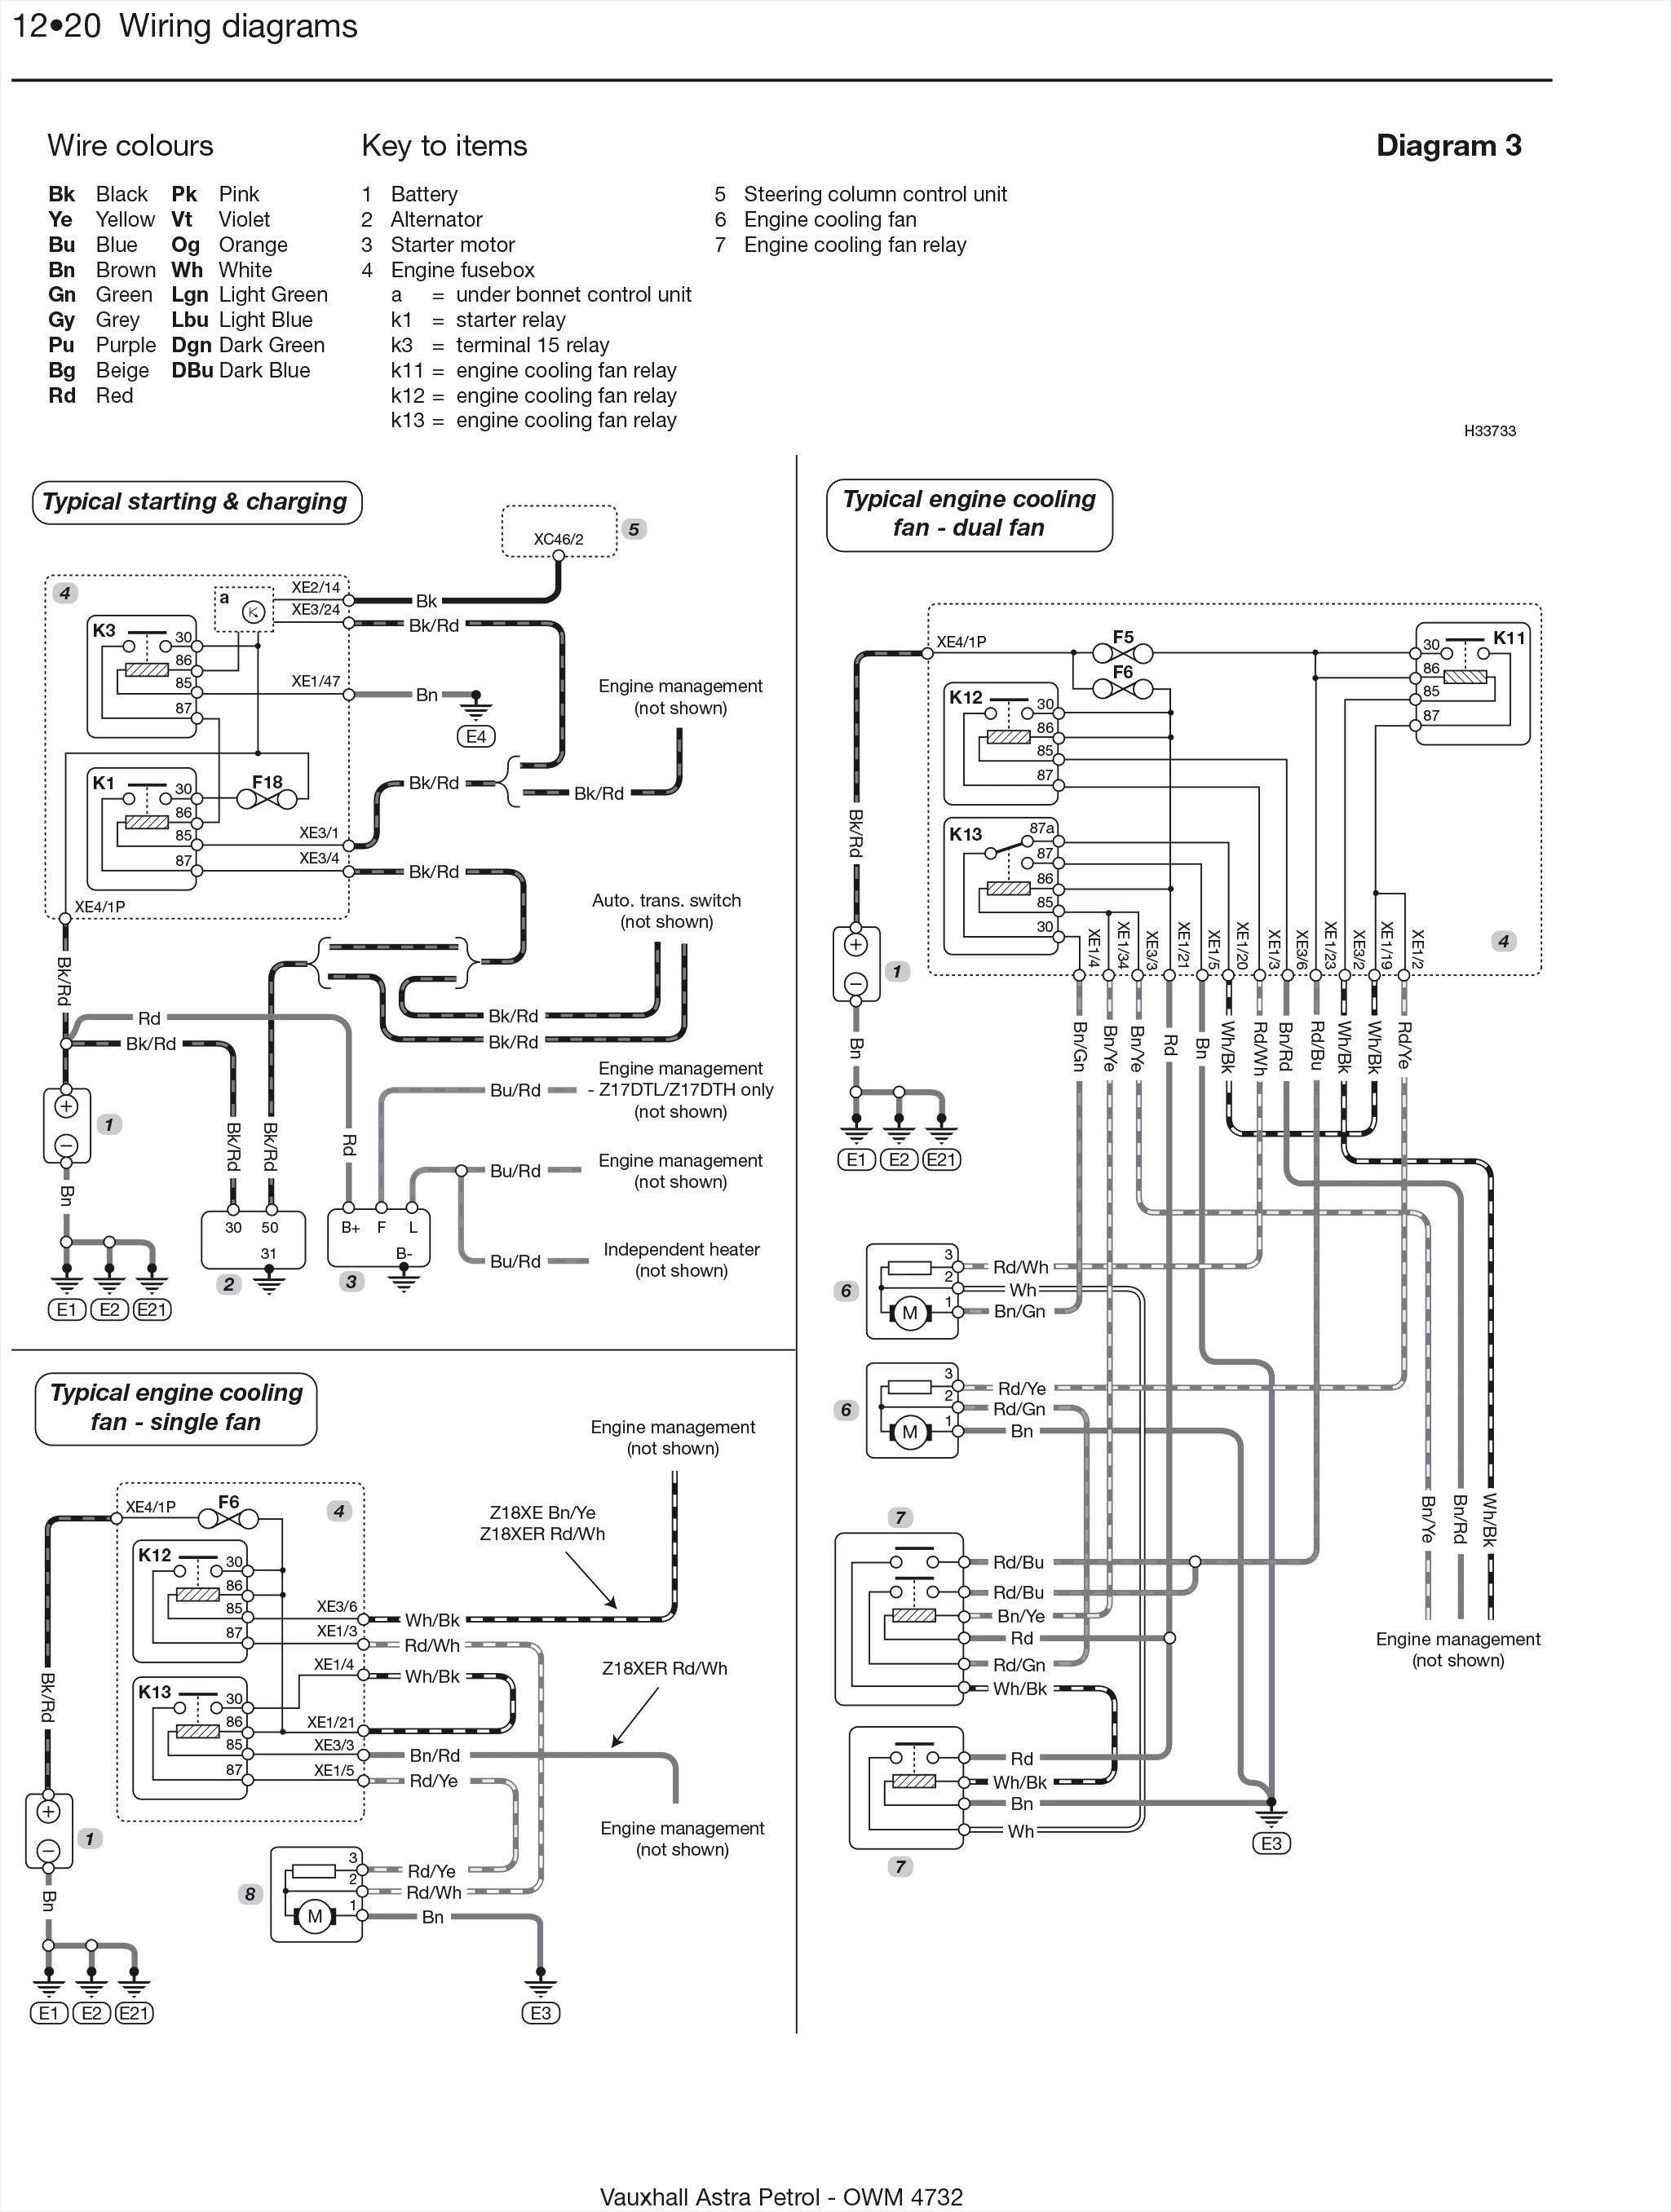 Best Of Vauxhall Alternator Wiring Diagram  Diagrams